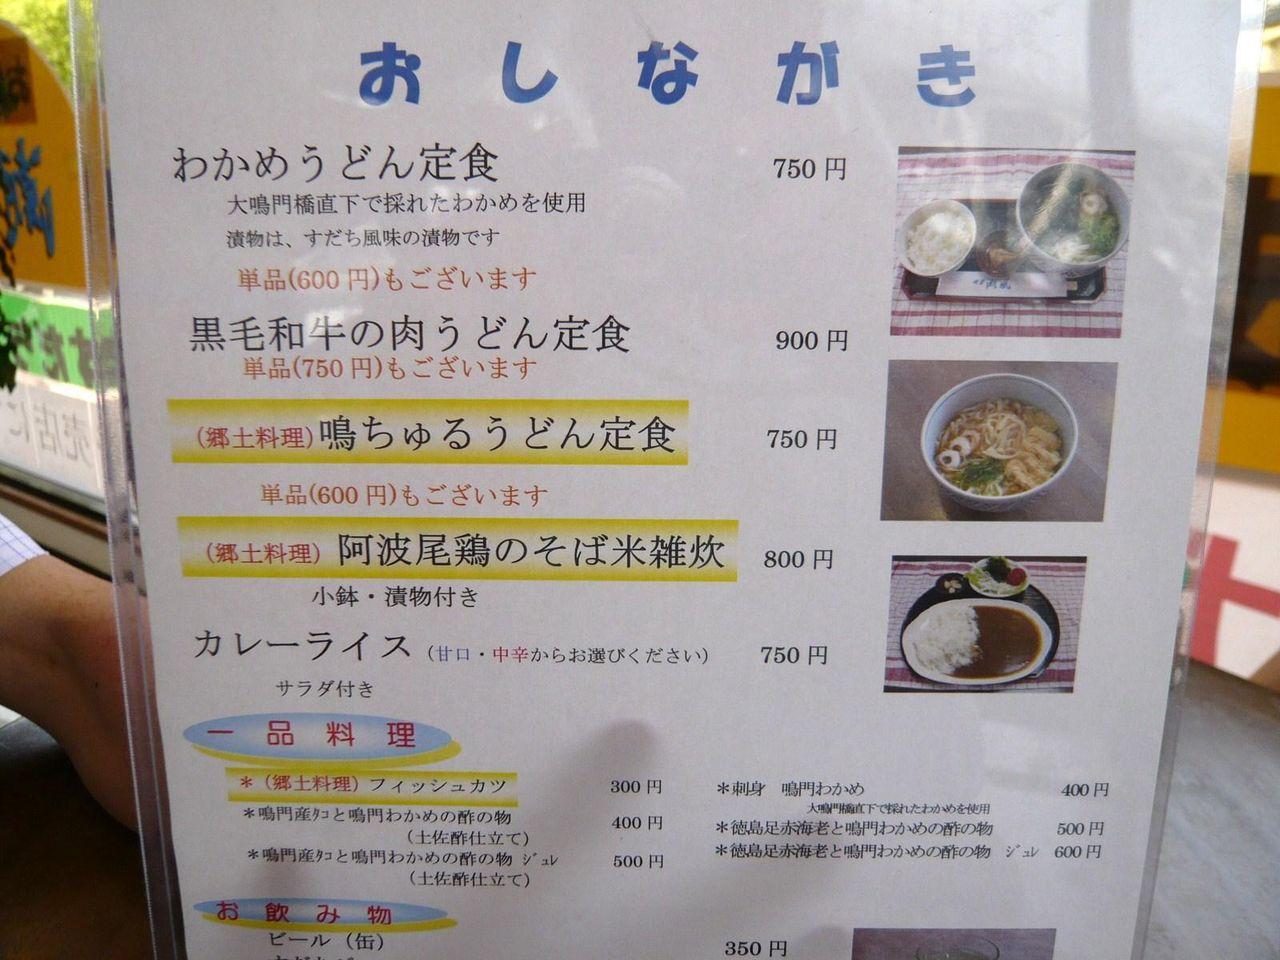 喫茶潮風のメニュー(23年5月現在)